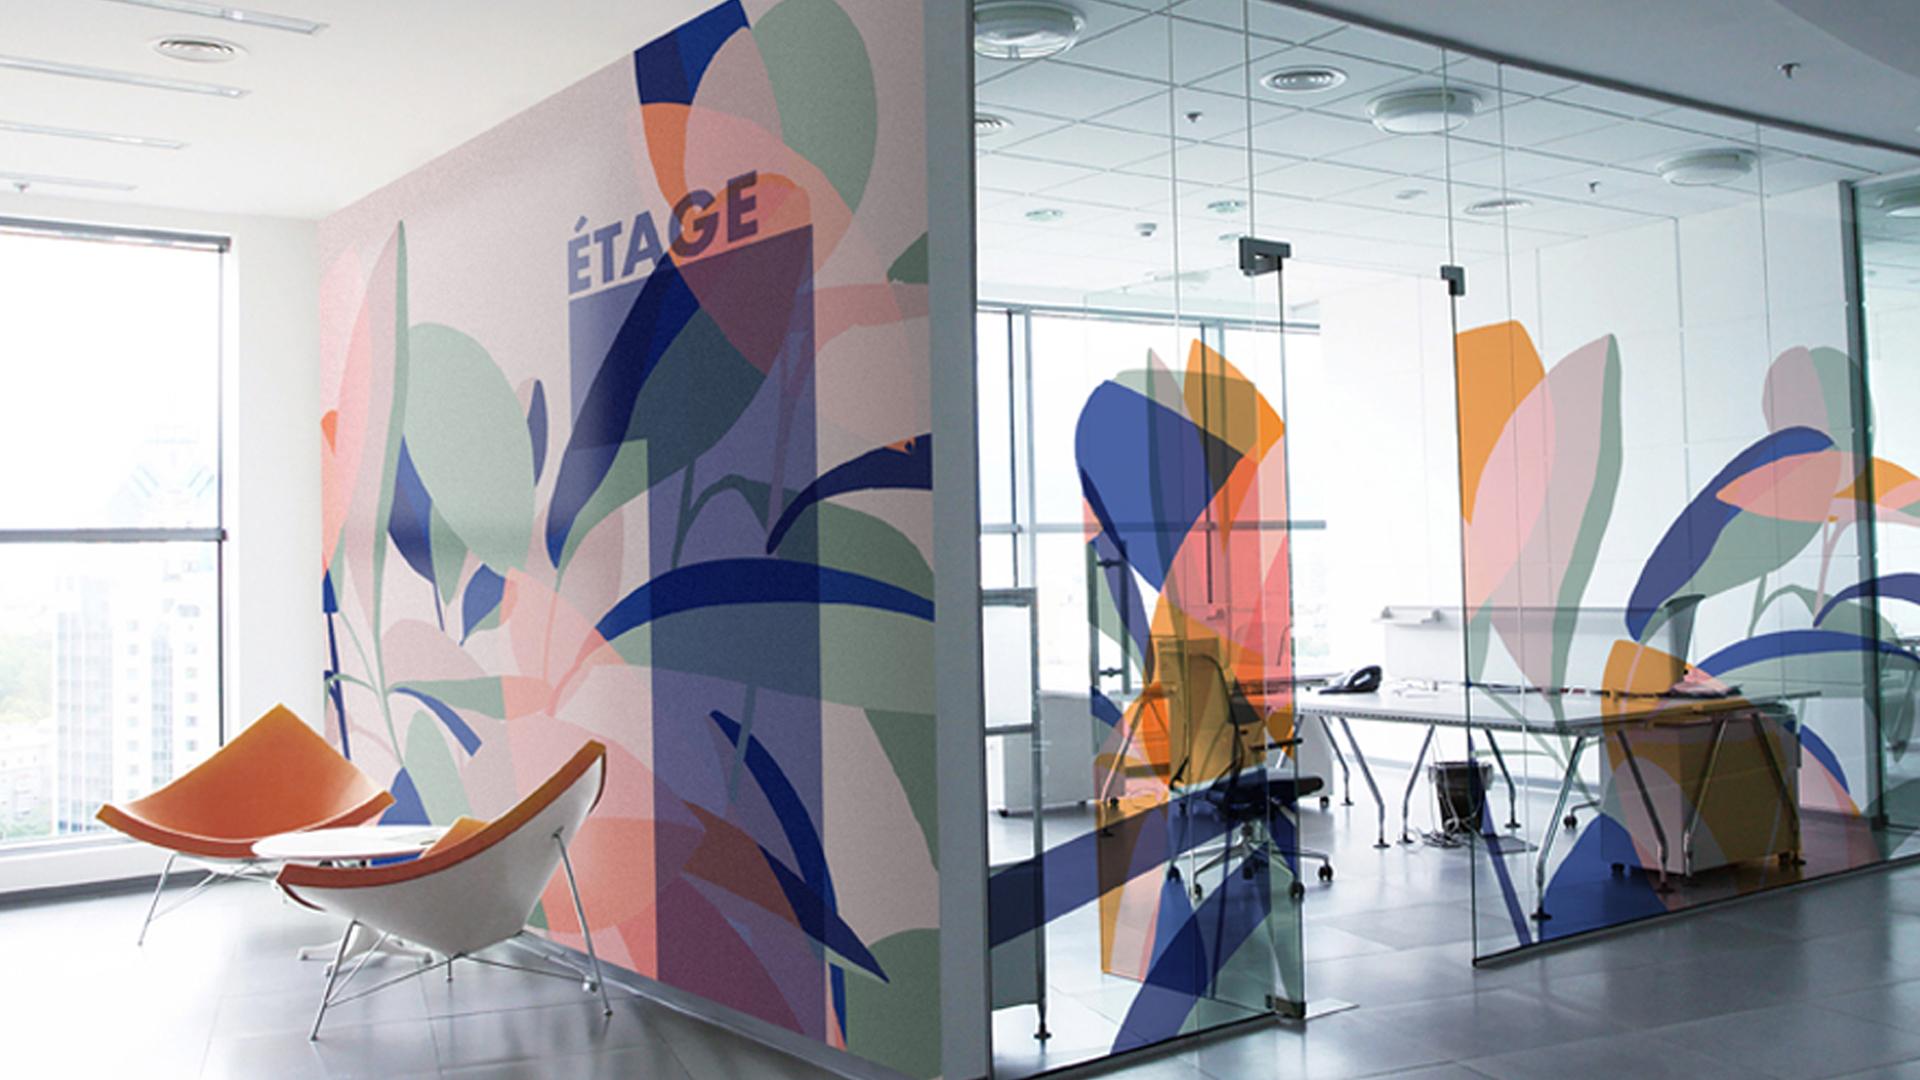 Exemples de fresques murales et vitrophanies dans des bureaux